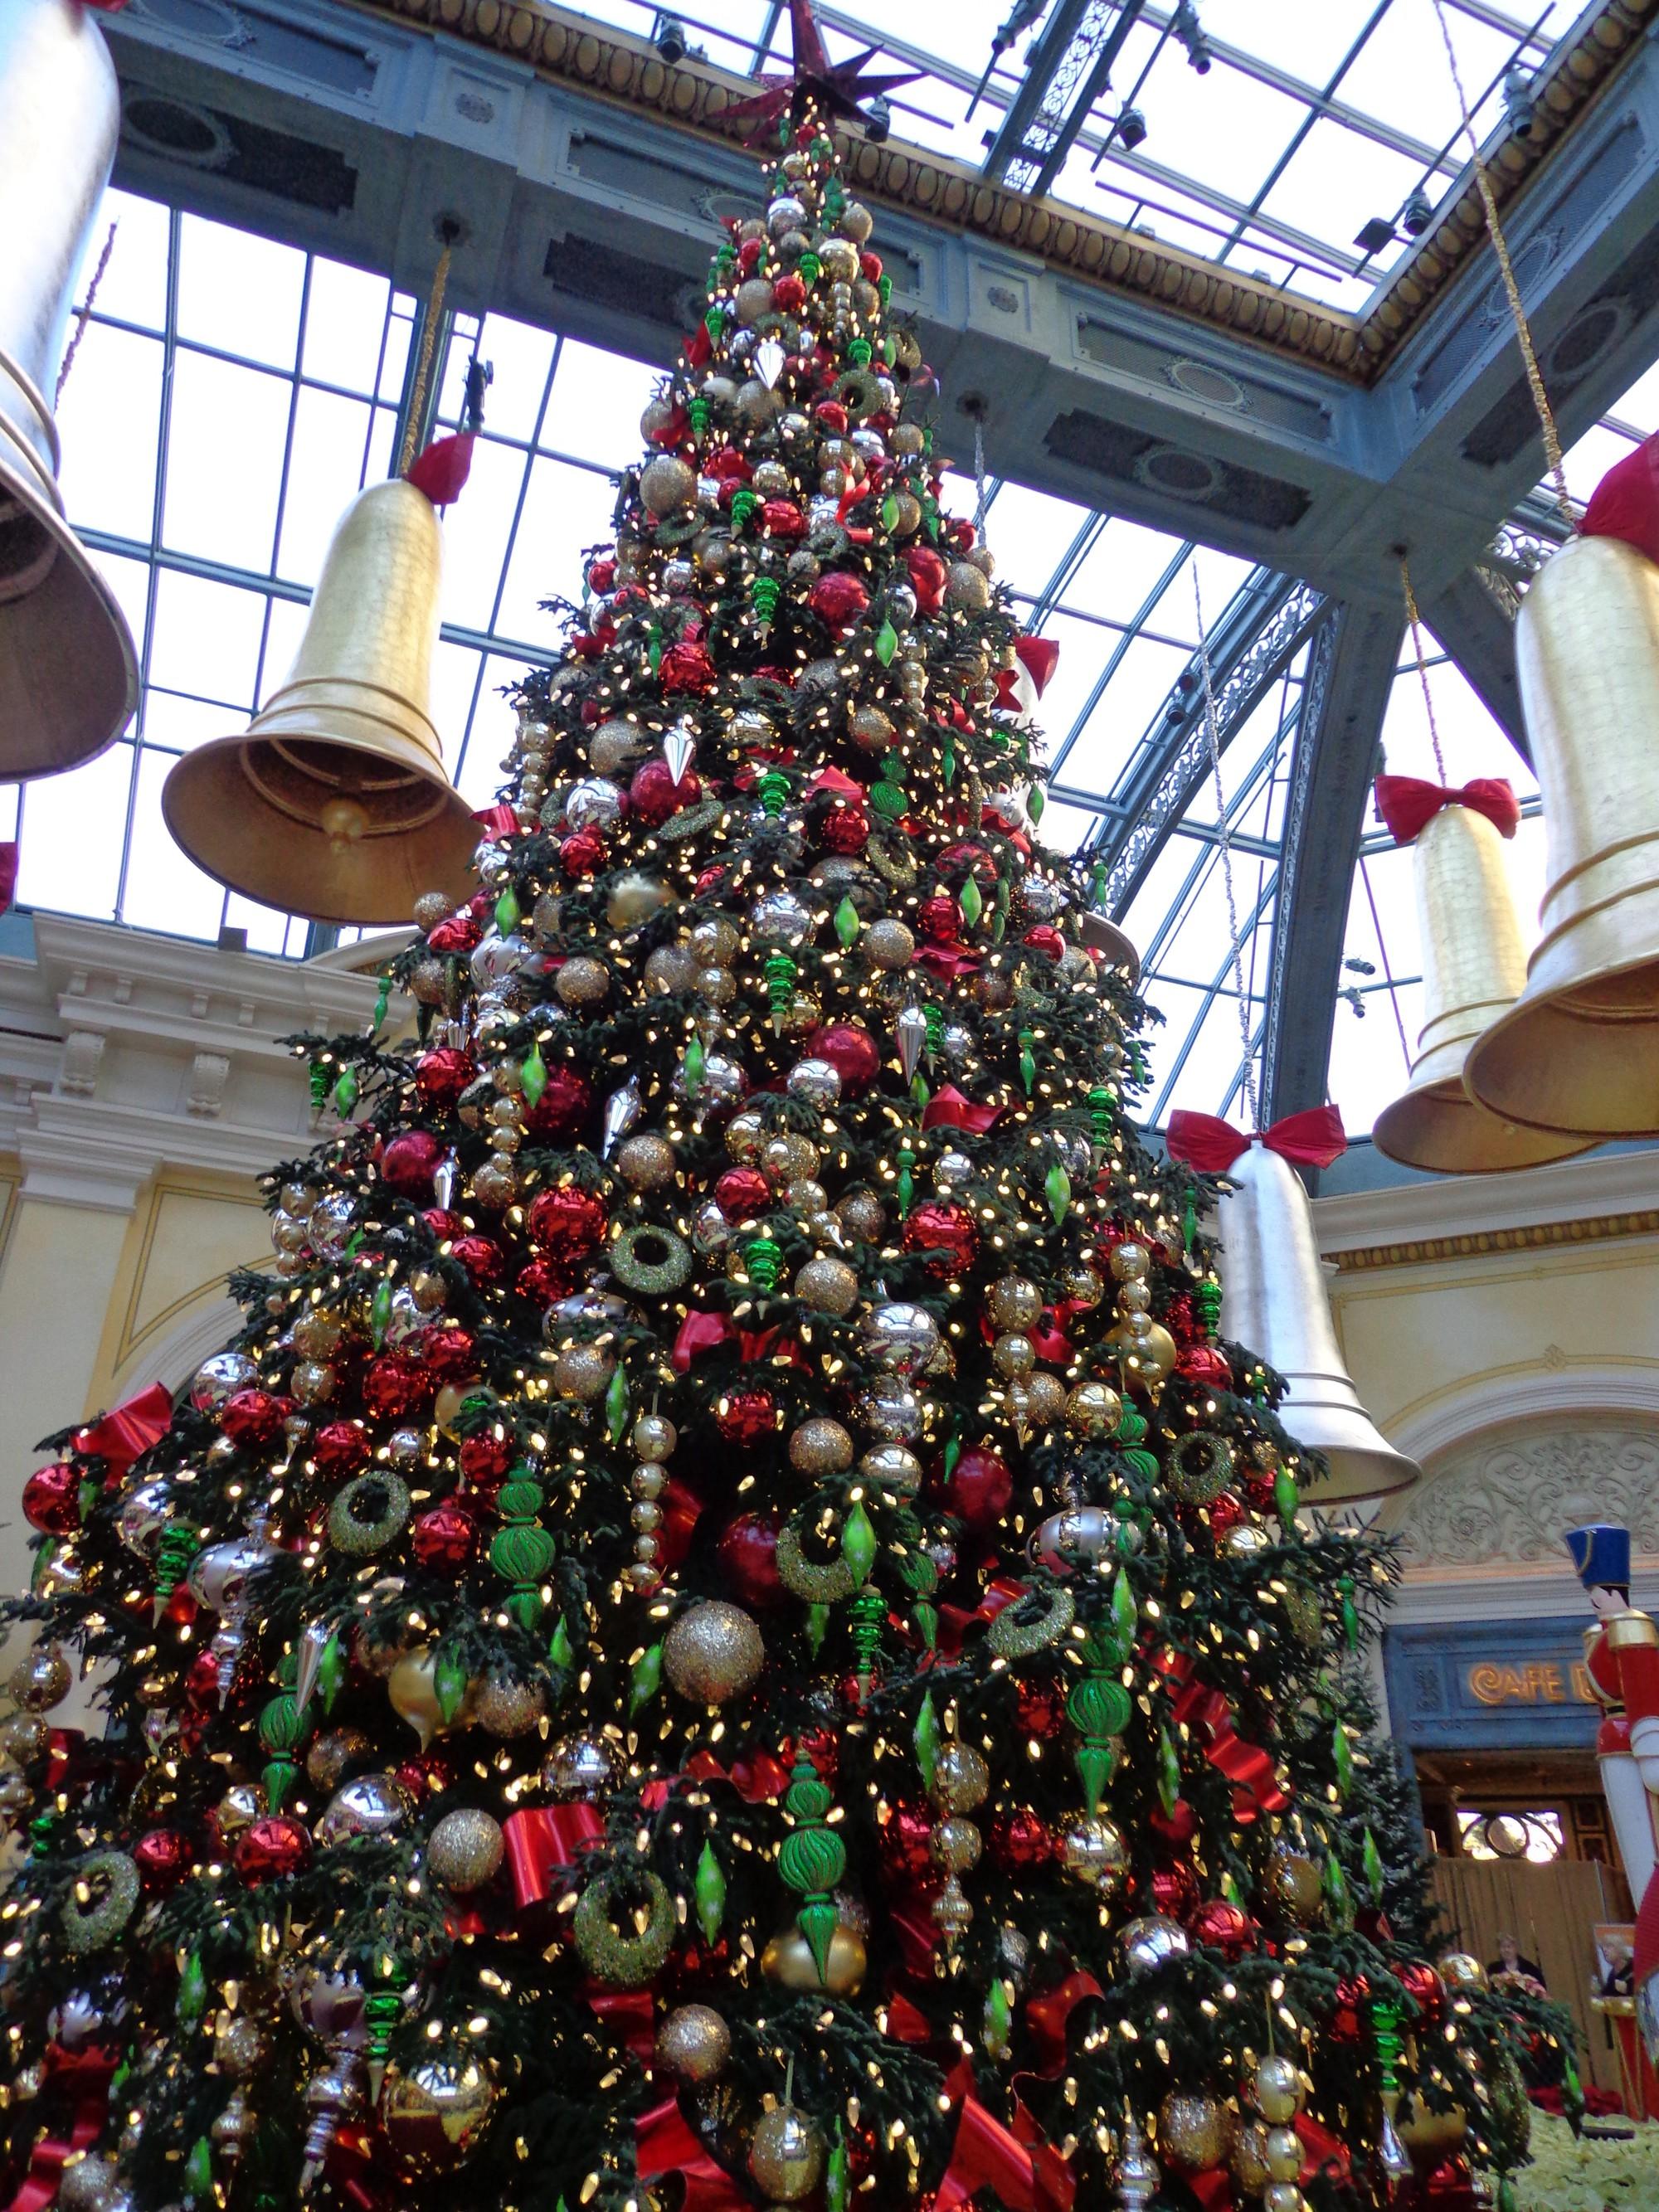 Khung cảnh đón Giáng sinh sớm ở nhiều nơi trên khắp thế giới: Lộng lẫy, nguy nga và ấm áp - Ảnh 15.